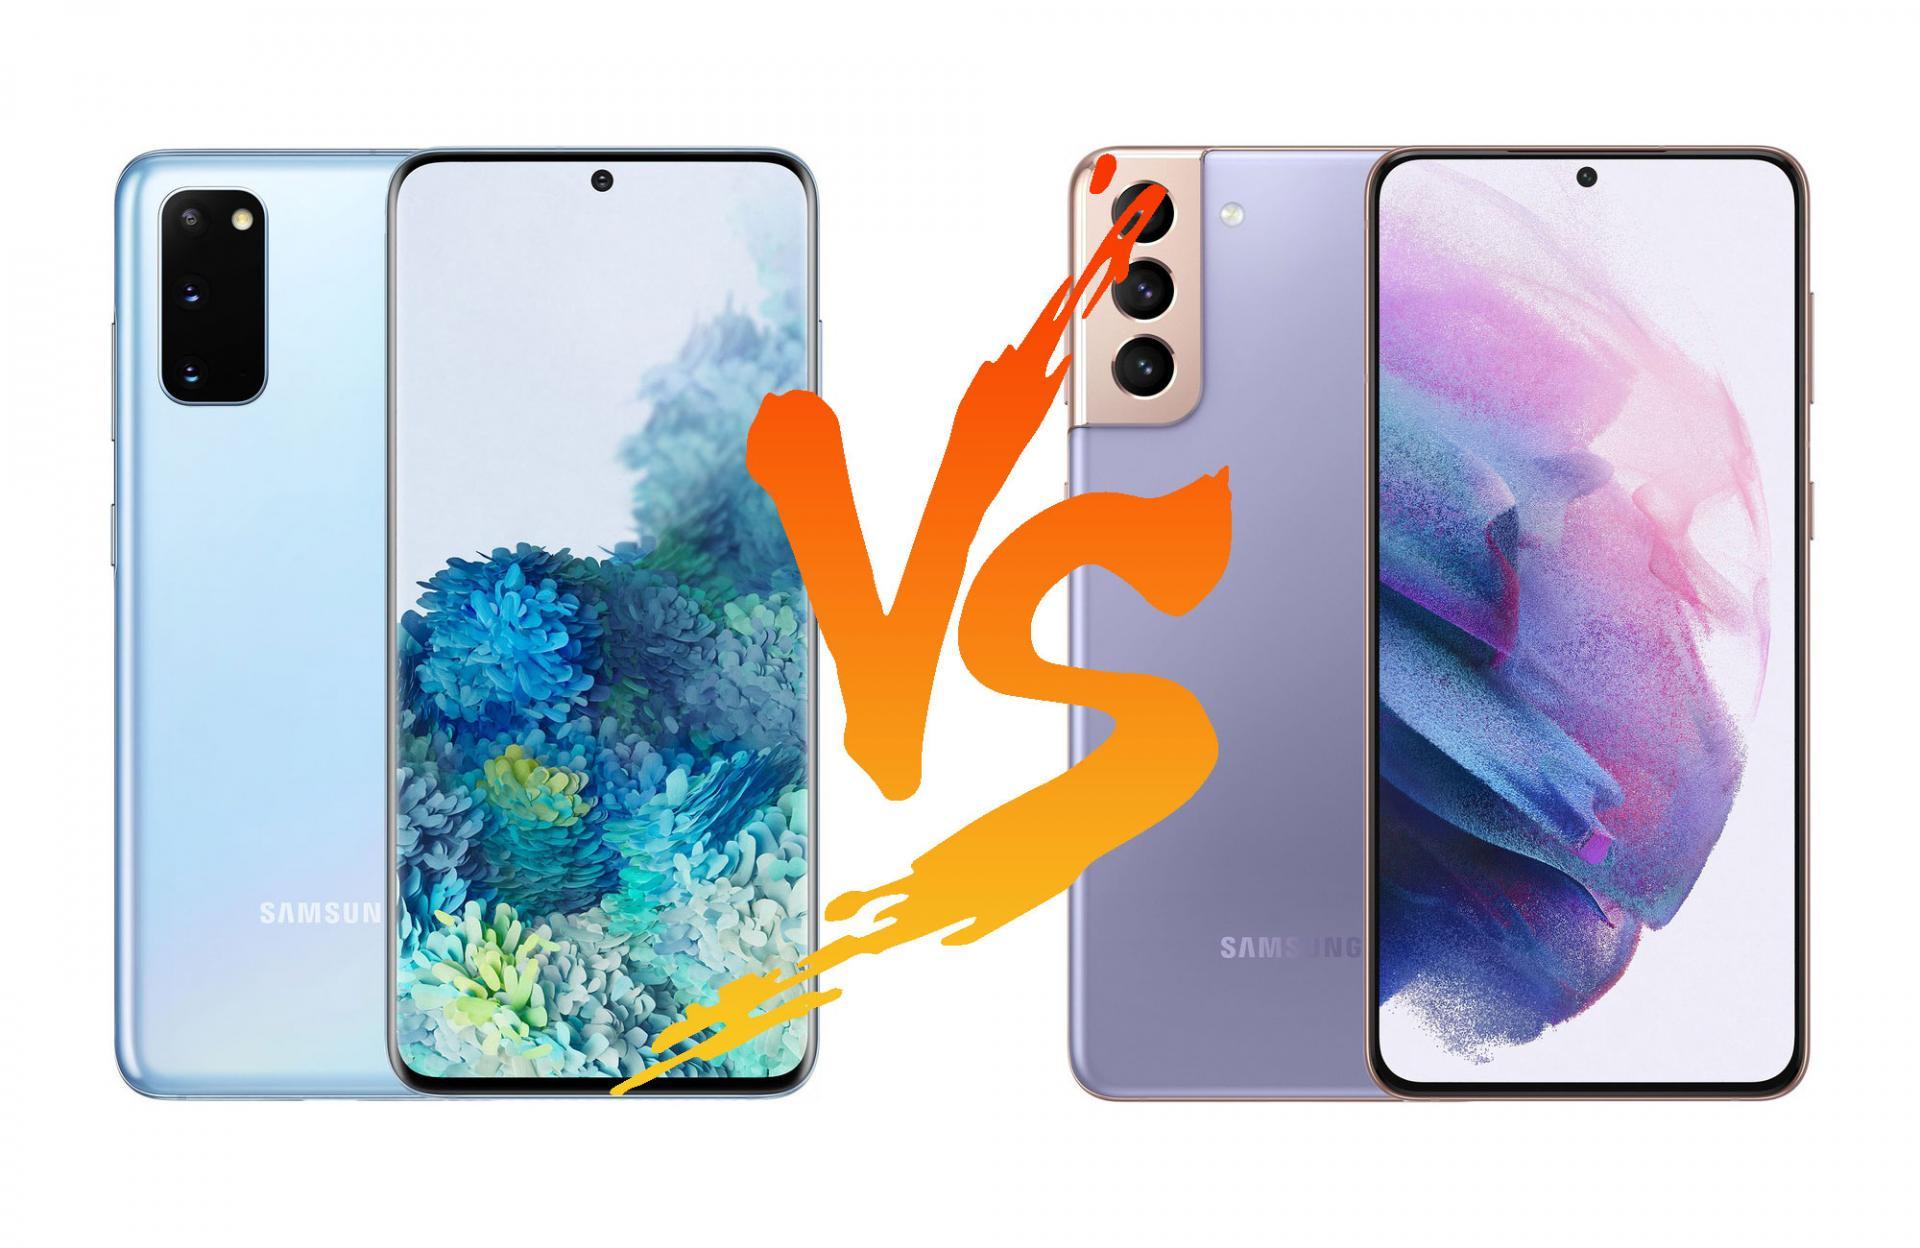 Samsung Galaxy S21 или S20: какой актуальнее в 2021 году и почему?